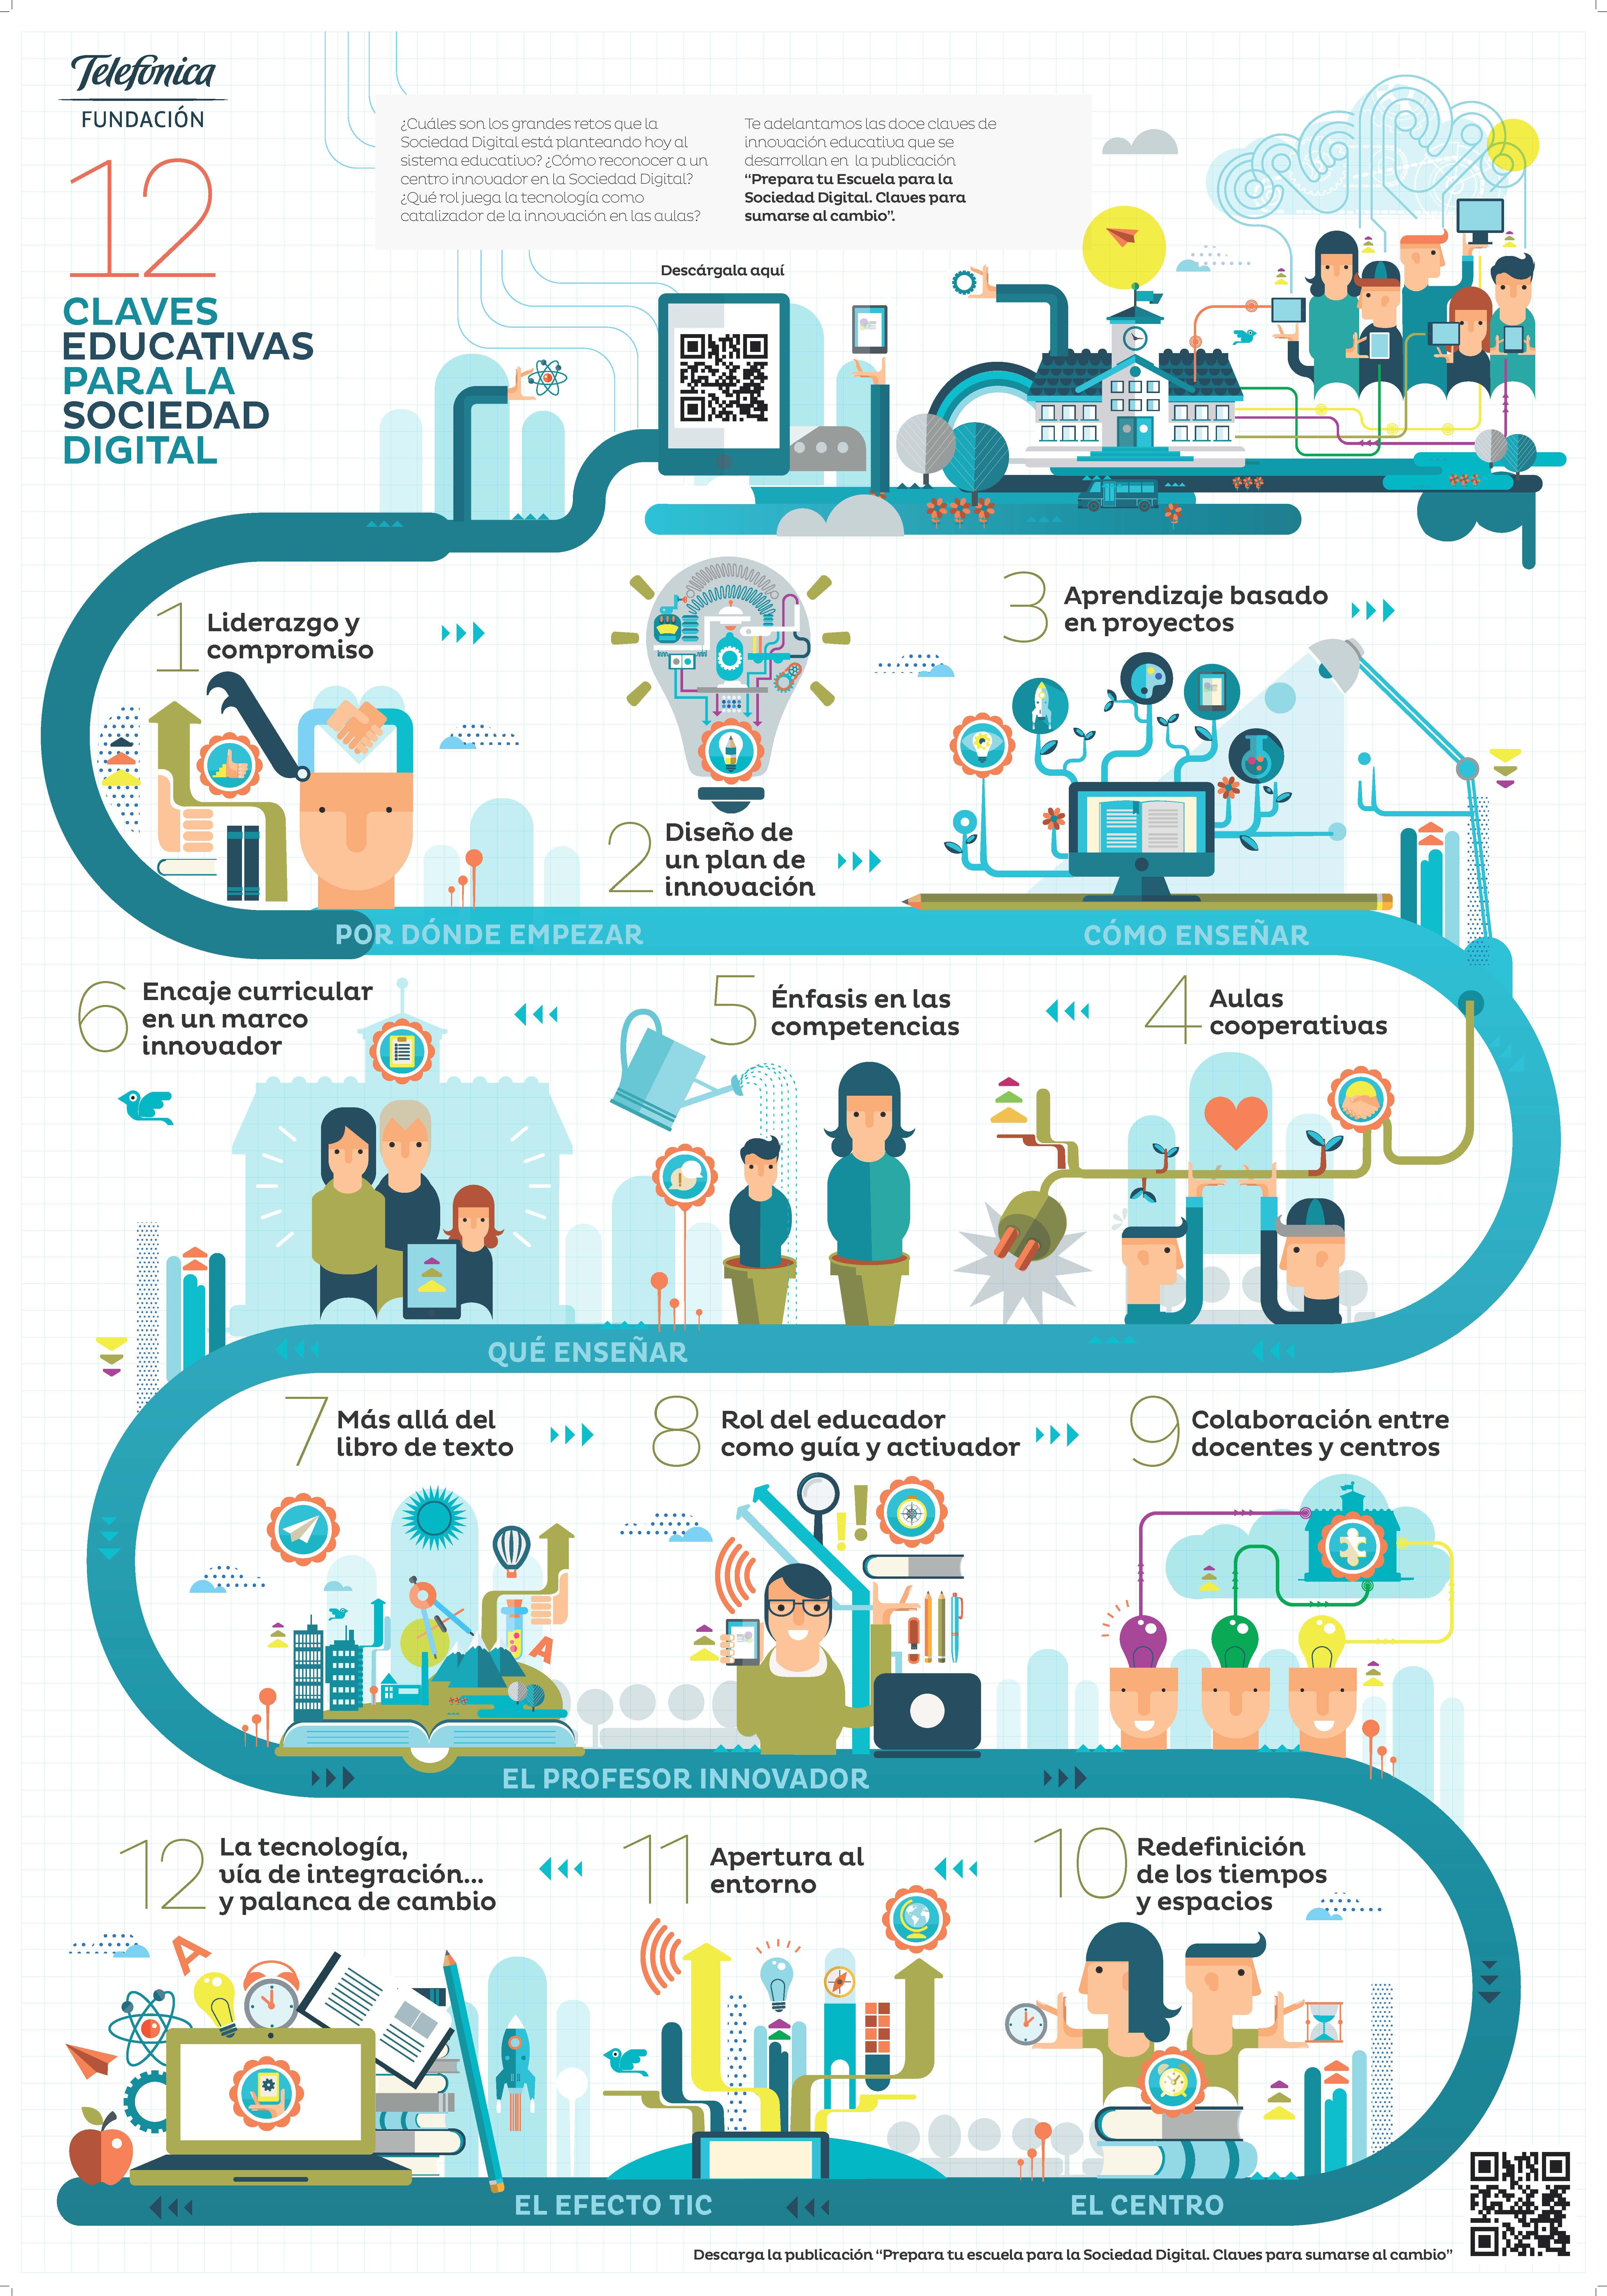 Prepara tu Escuela para la Sociedad Digital: Claves para sumarse al cambio (Fundación telefónica)